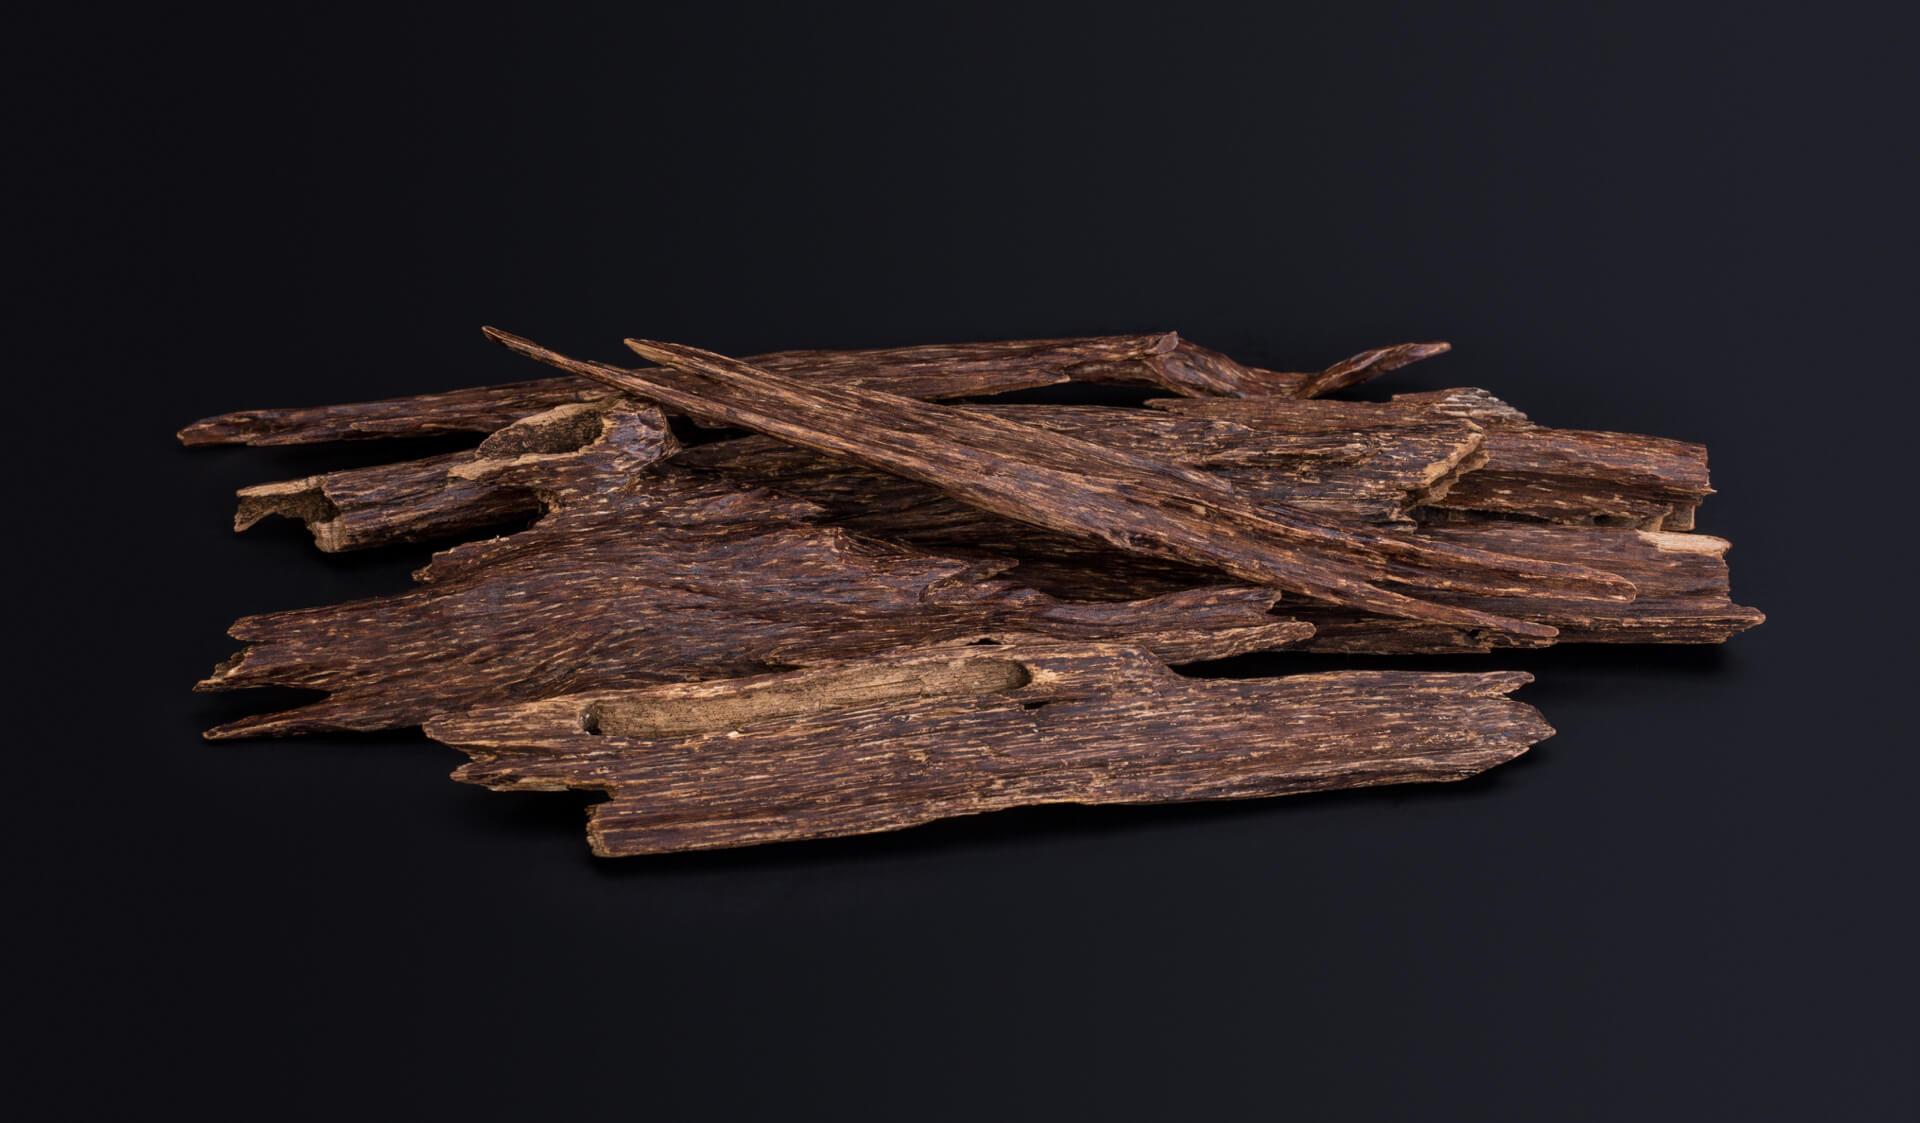 Bois de oud utilisée pour extraire de l'huile essentielle et en faire un parfum